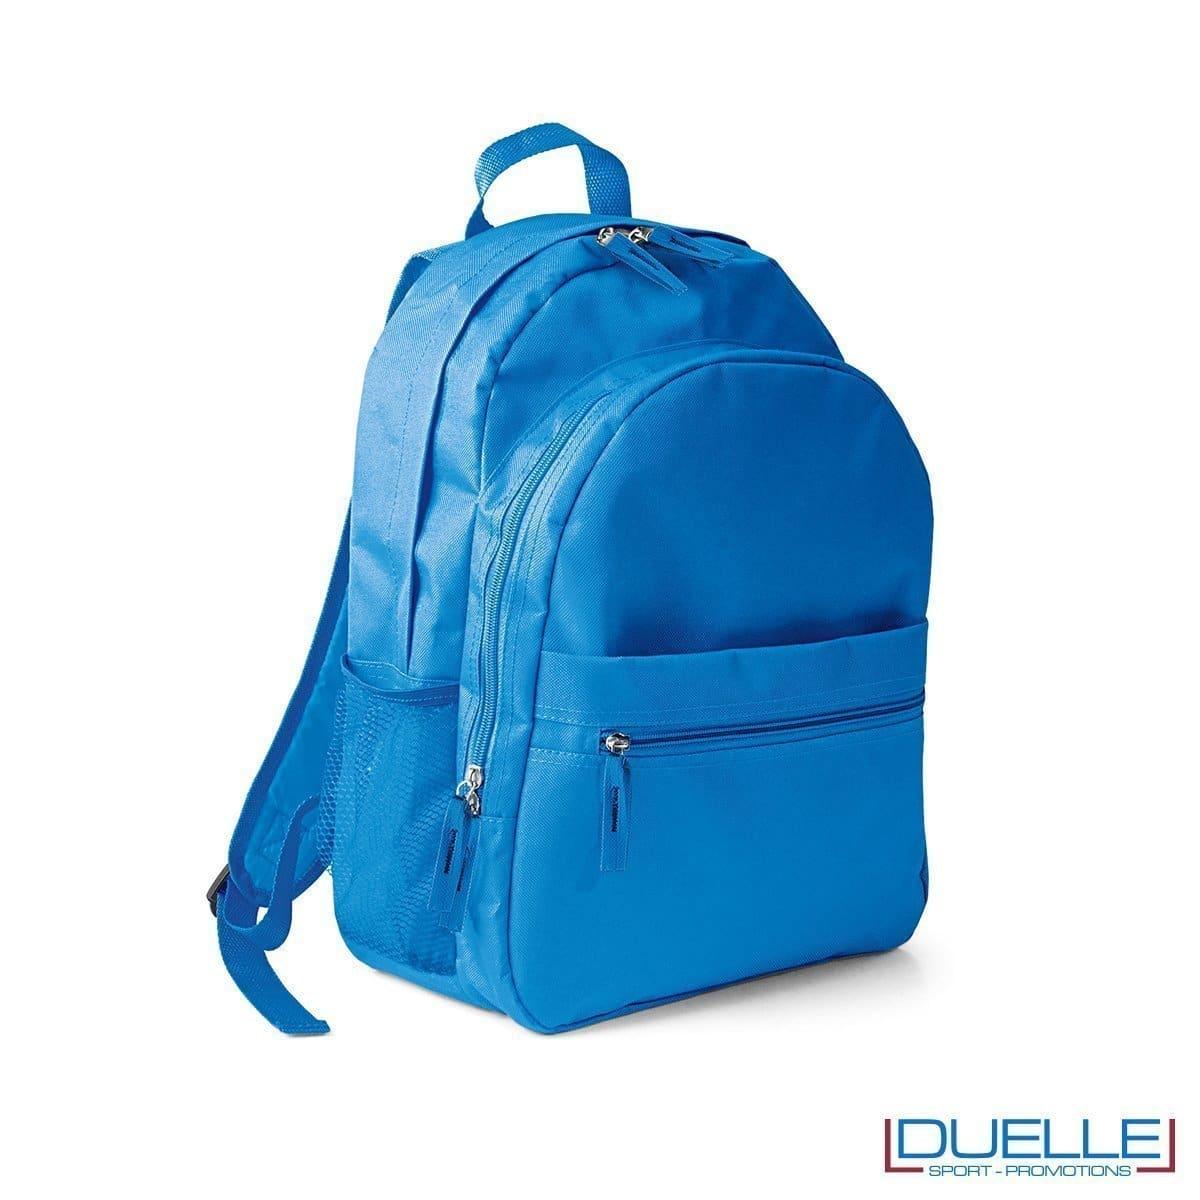 zaino personalizzato, zaino per lo sport e il tempo libero - zaino economico personalizzato azzurro